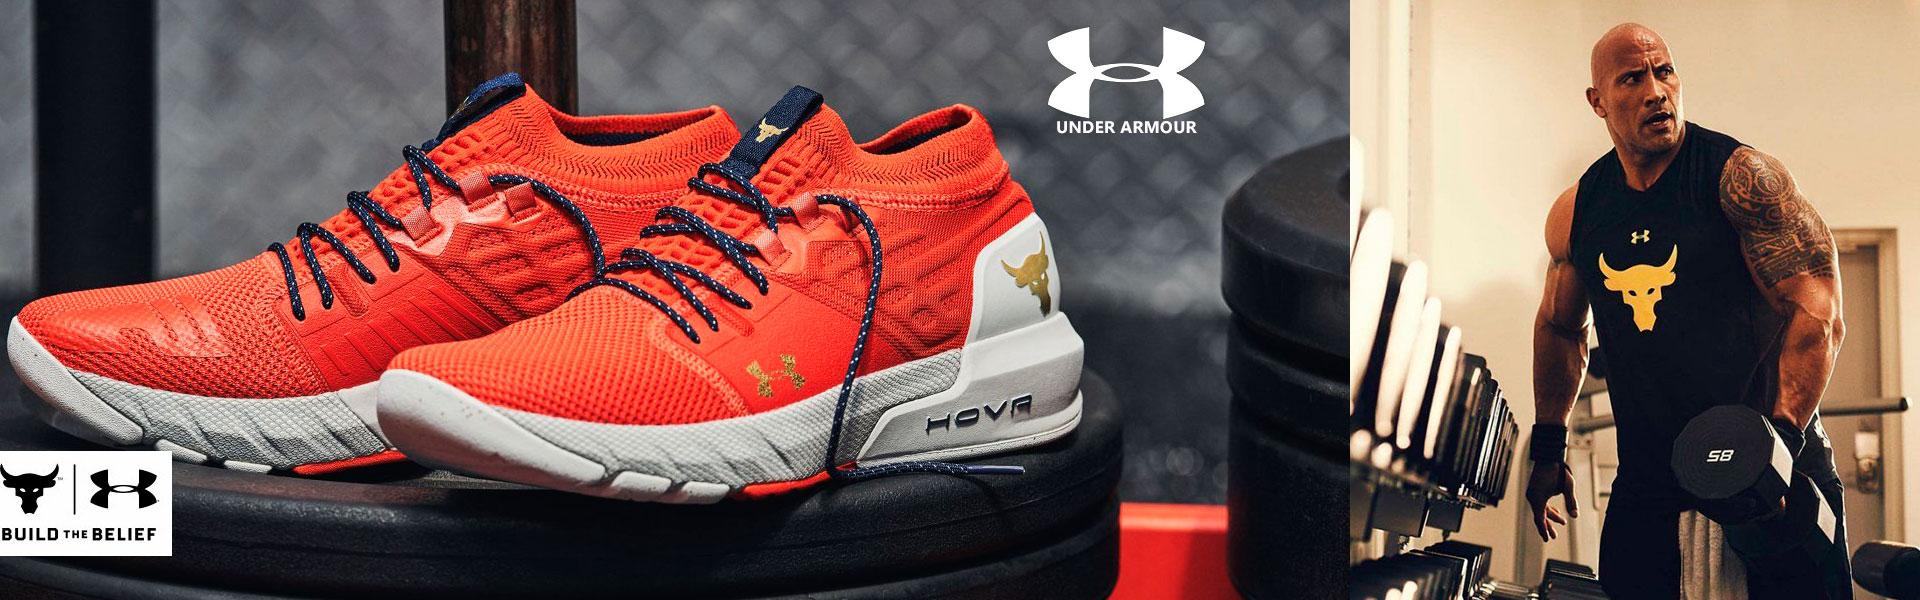 Спортивная одежда и обувь Under Armour